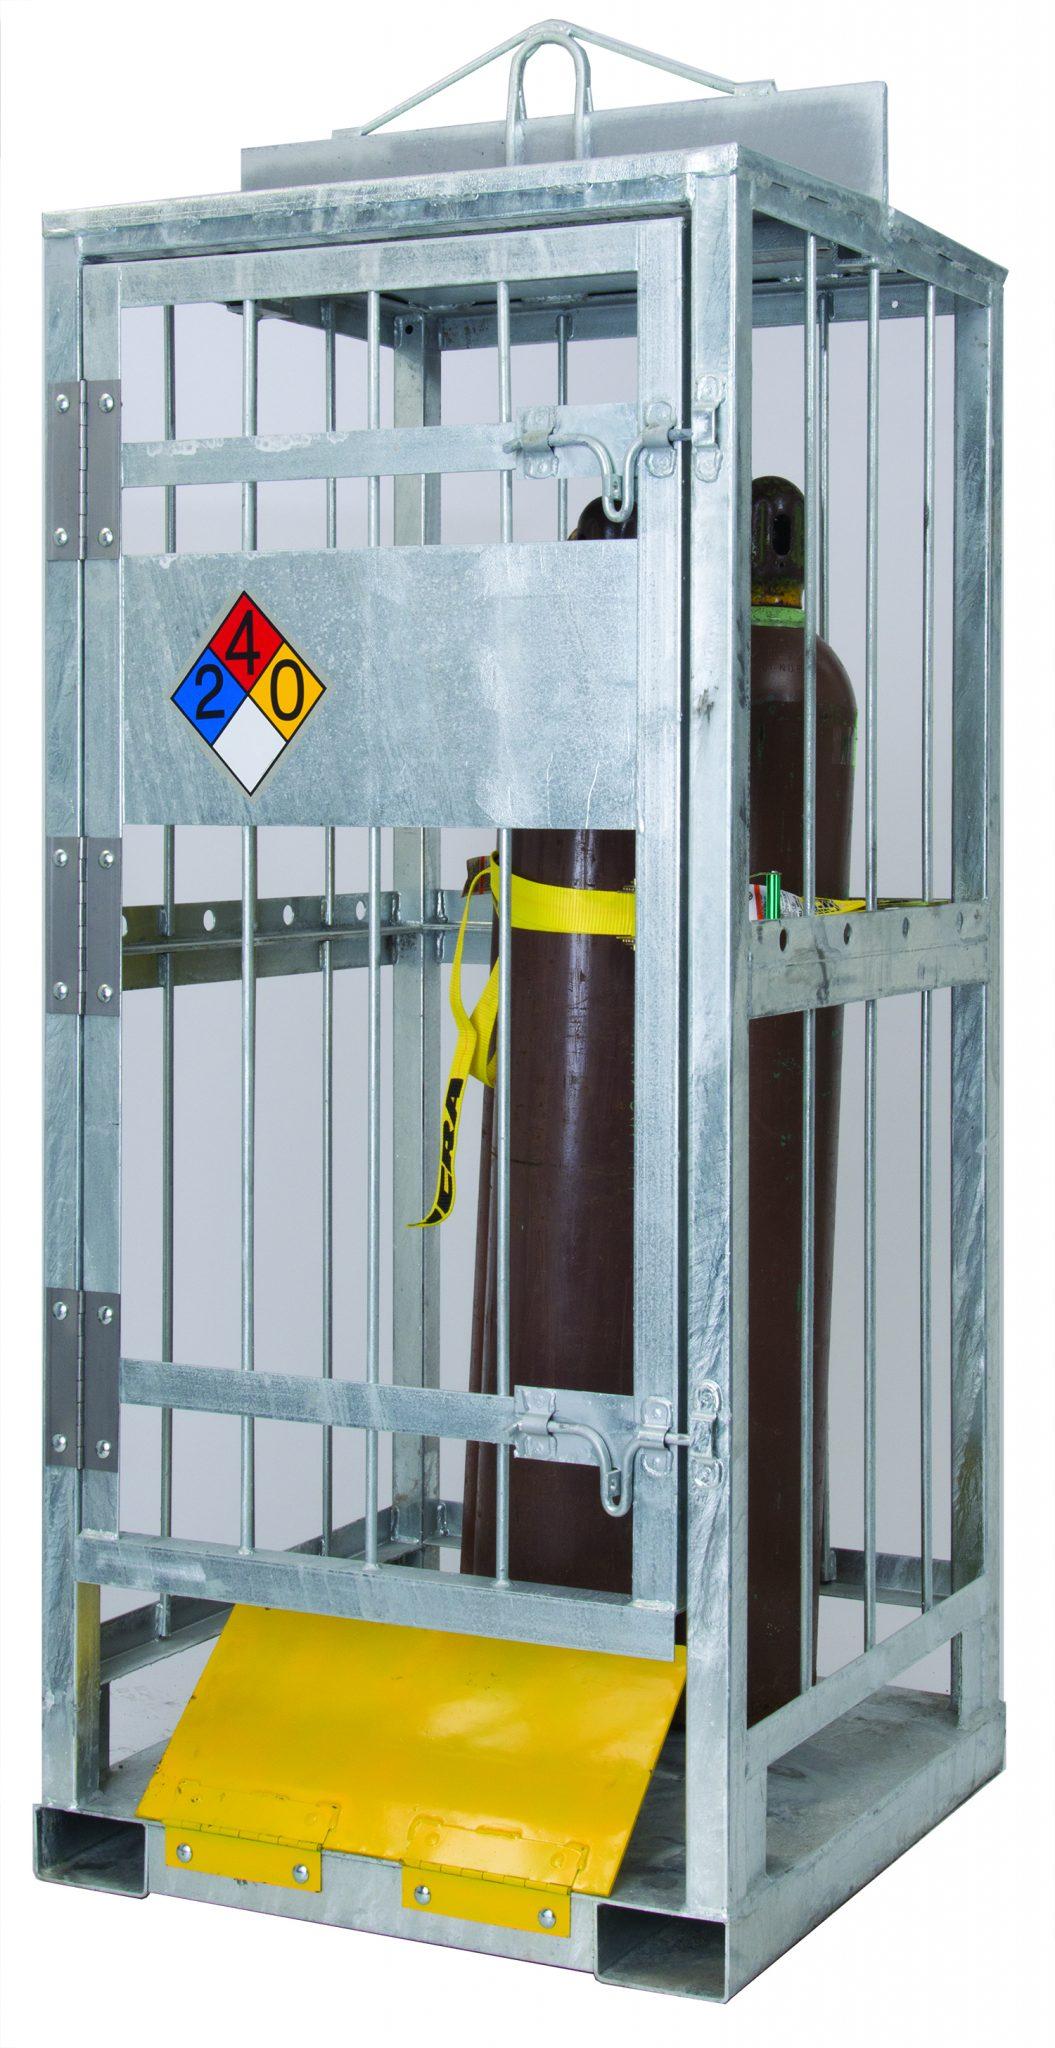 Gas Cylinder Crane Lift Caddy